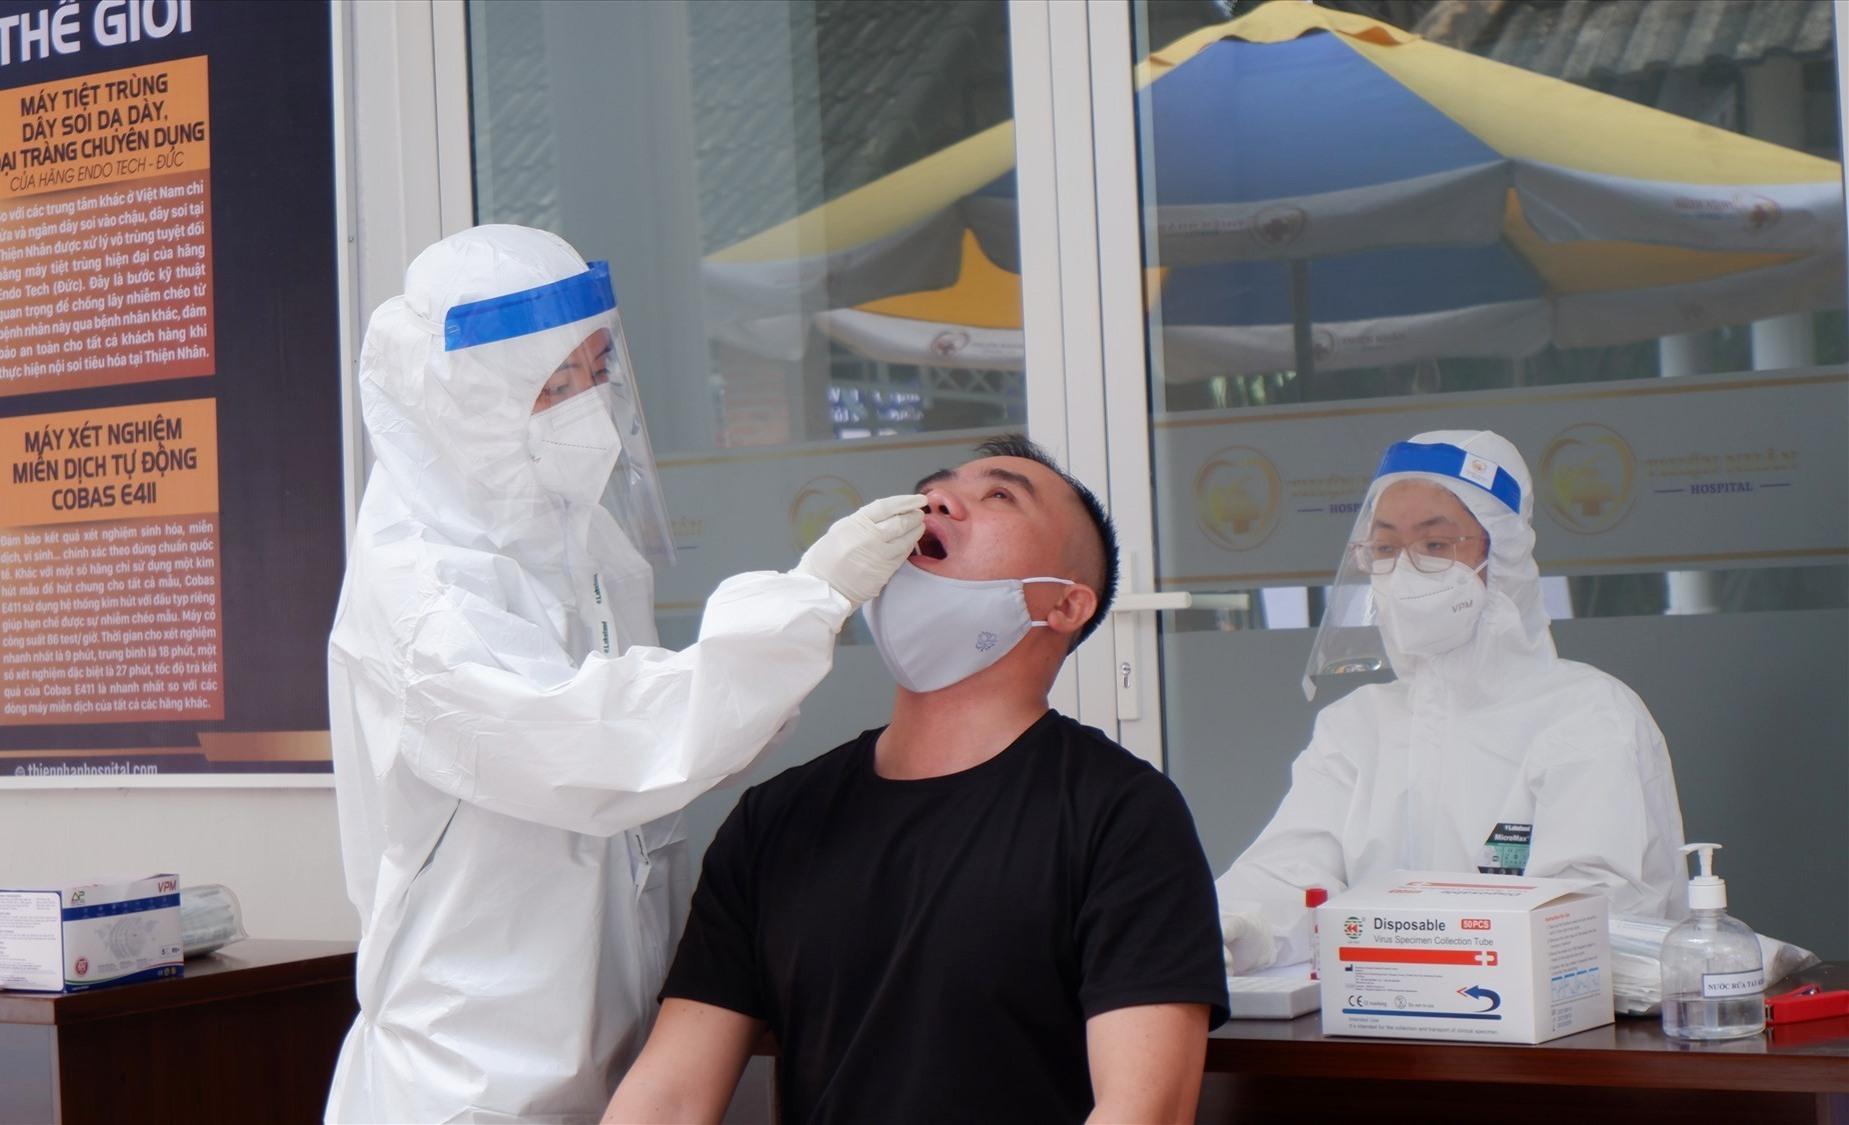 Điểm lấy mẫu xét nghiệm Covid-19 tại Trung tâm Y khoa Thiện Nhân đã vận hành vào hôm nay 8.9. Ảnh: X.H